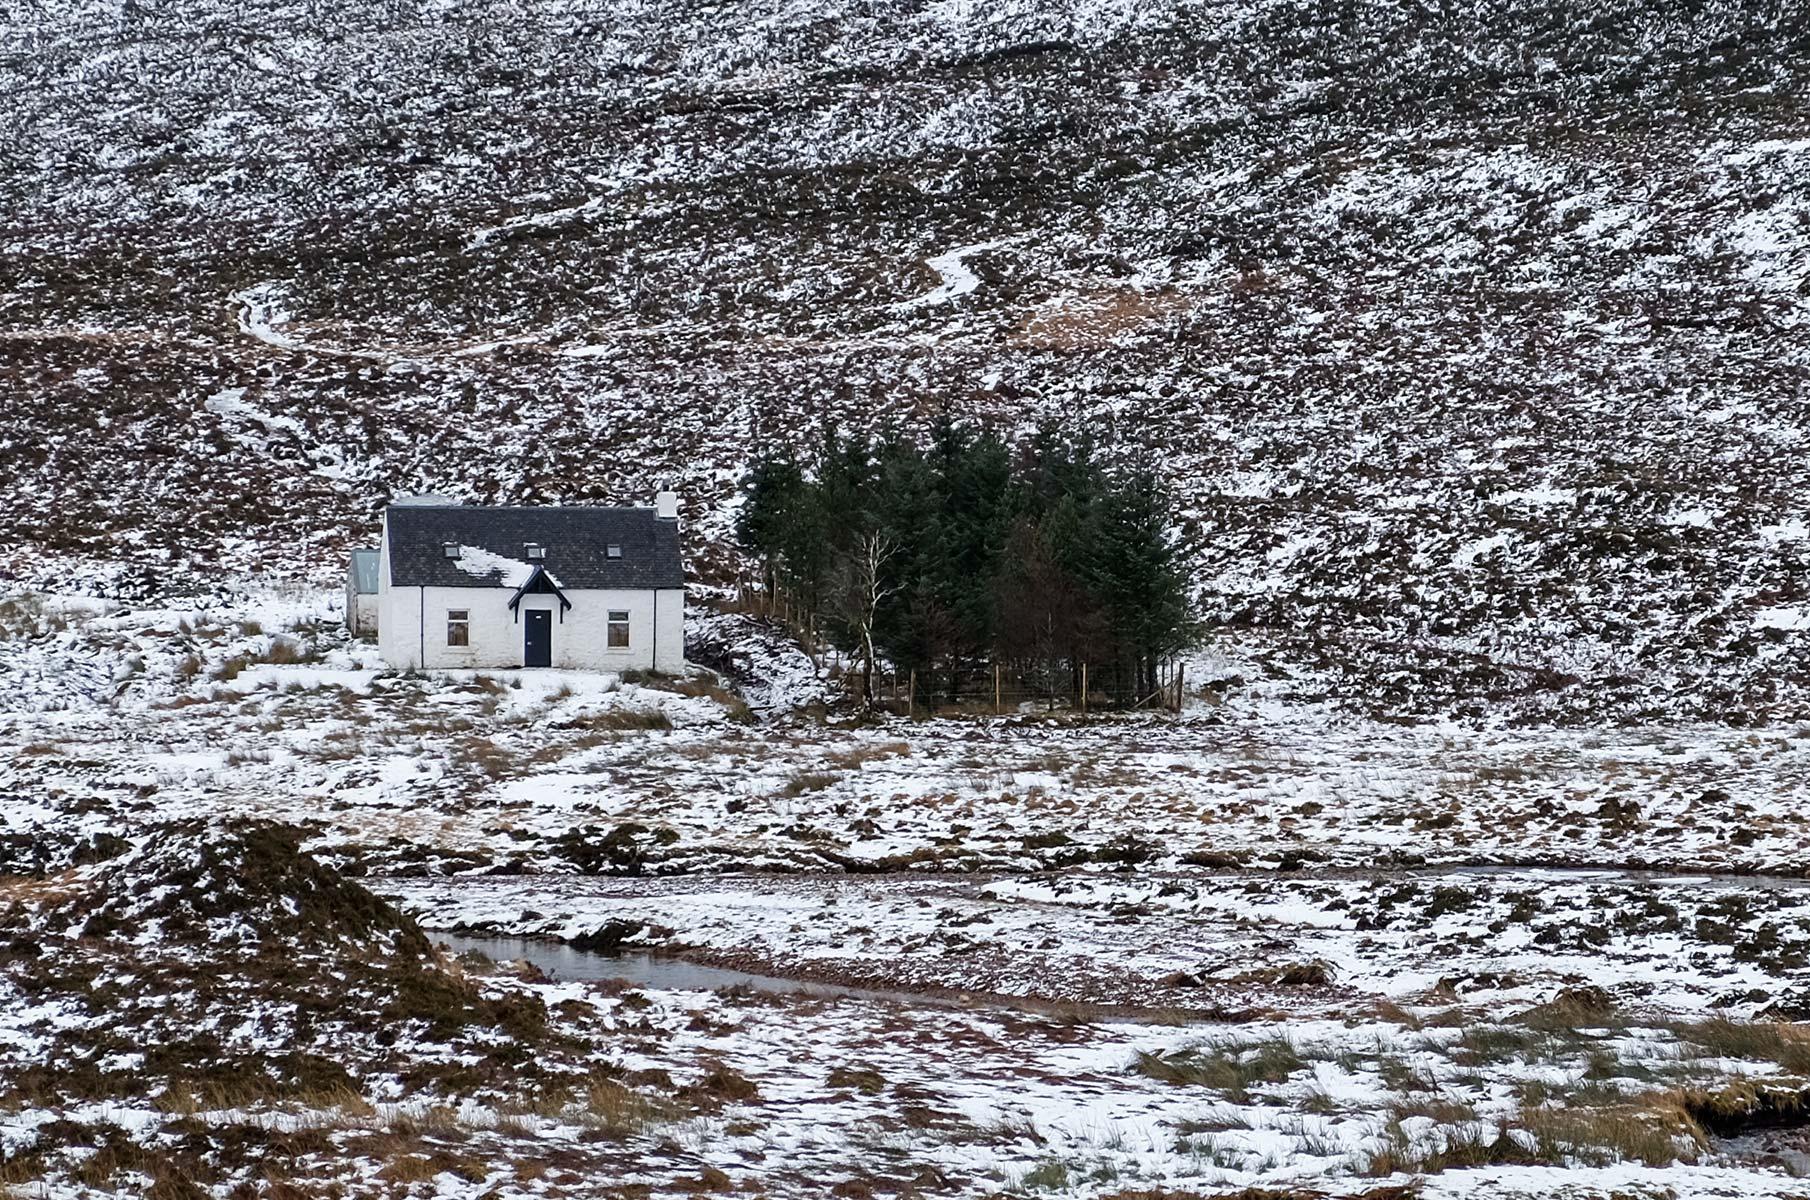 Blick auf den Buachaille Etive Mor im Winter, Schottland